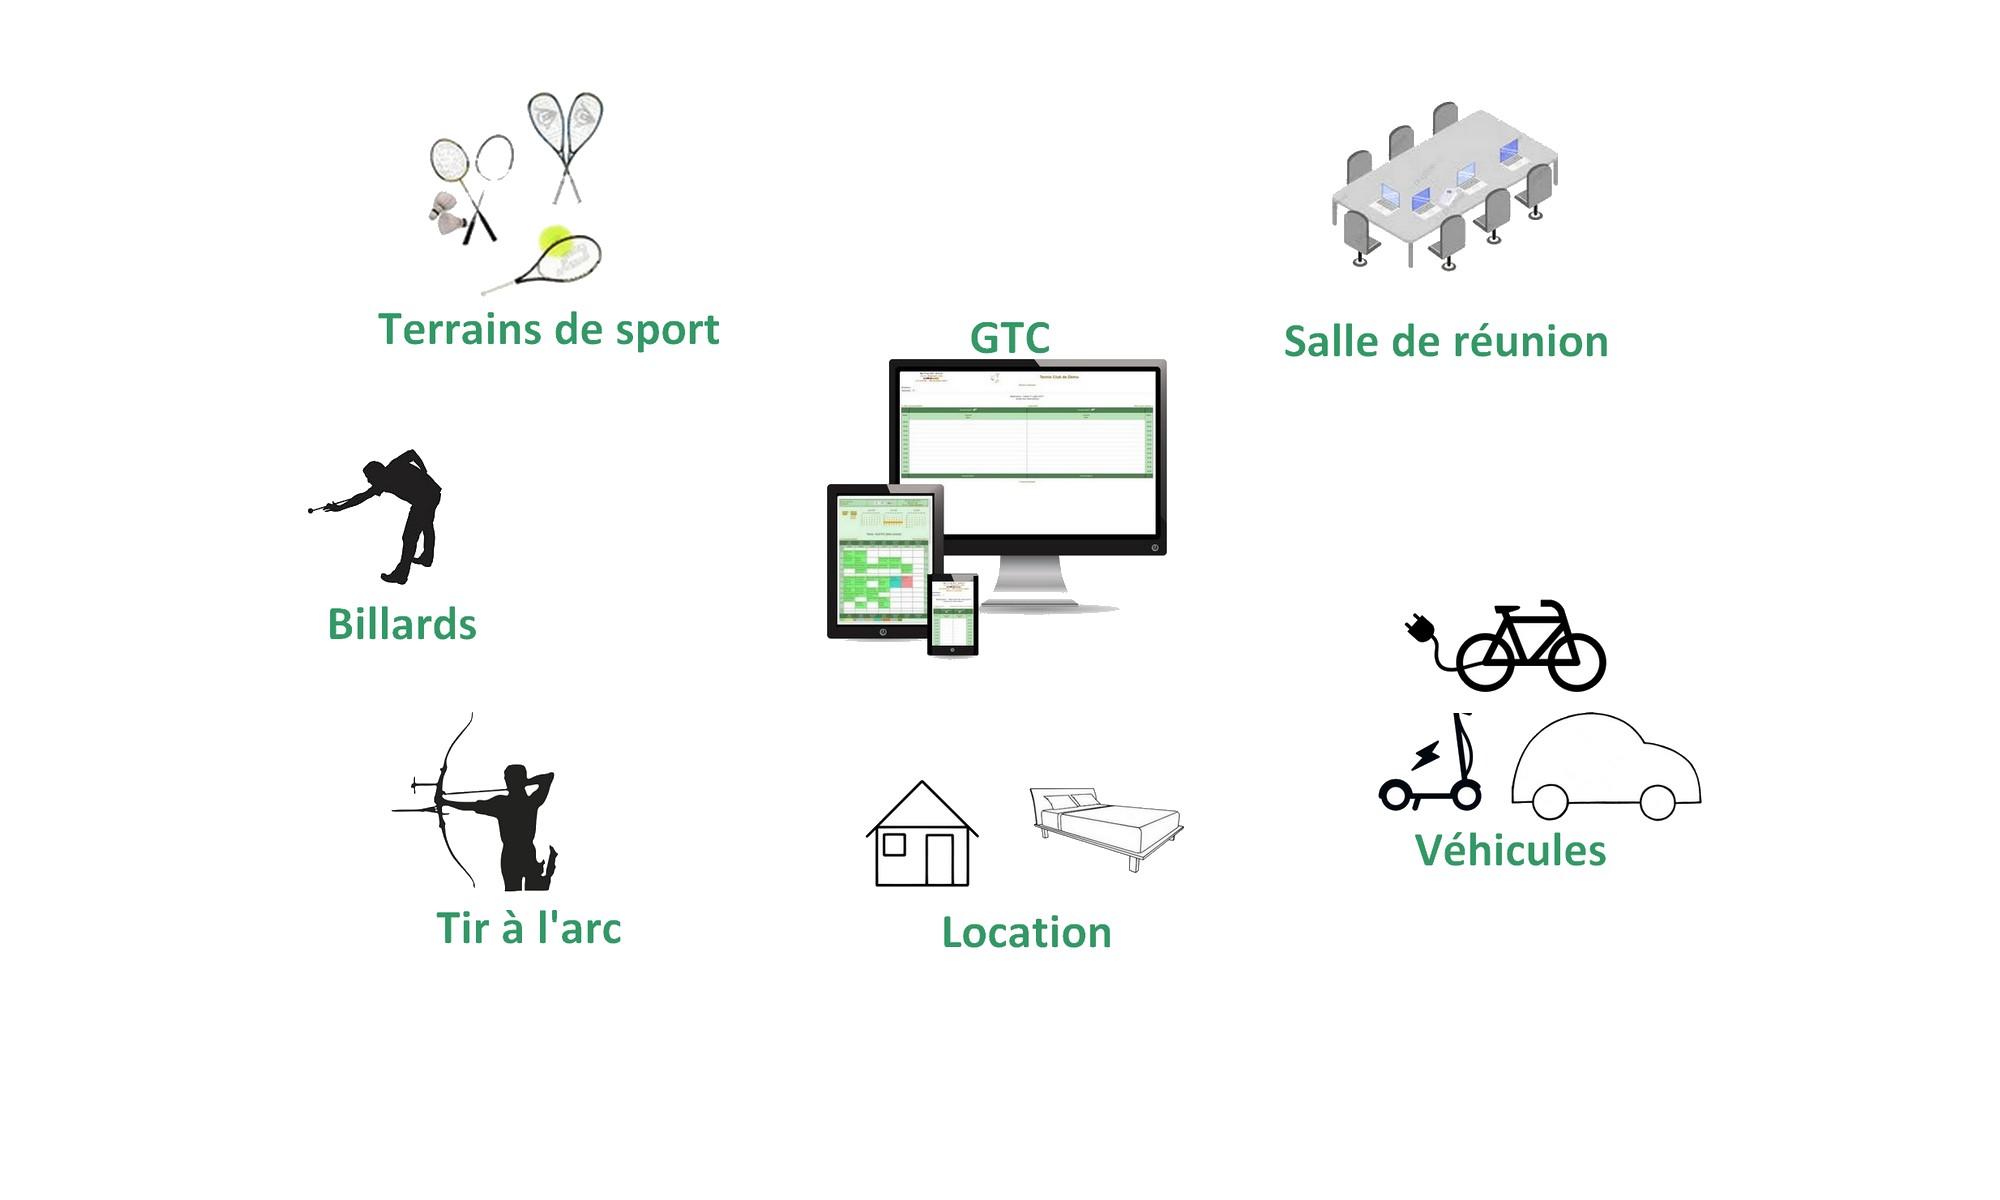 GTC - Réservation de ressources